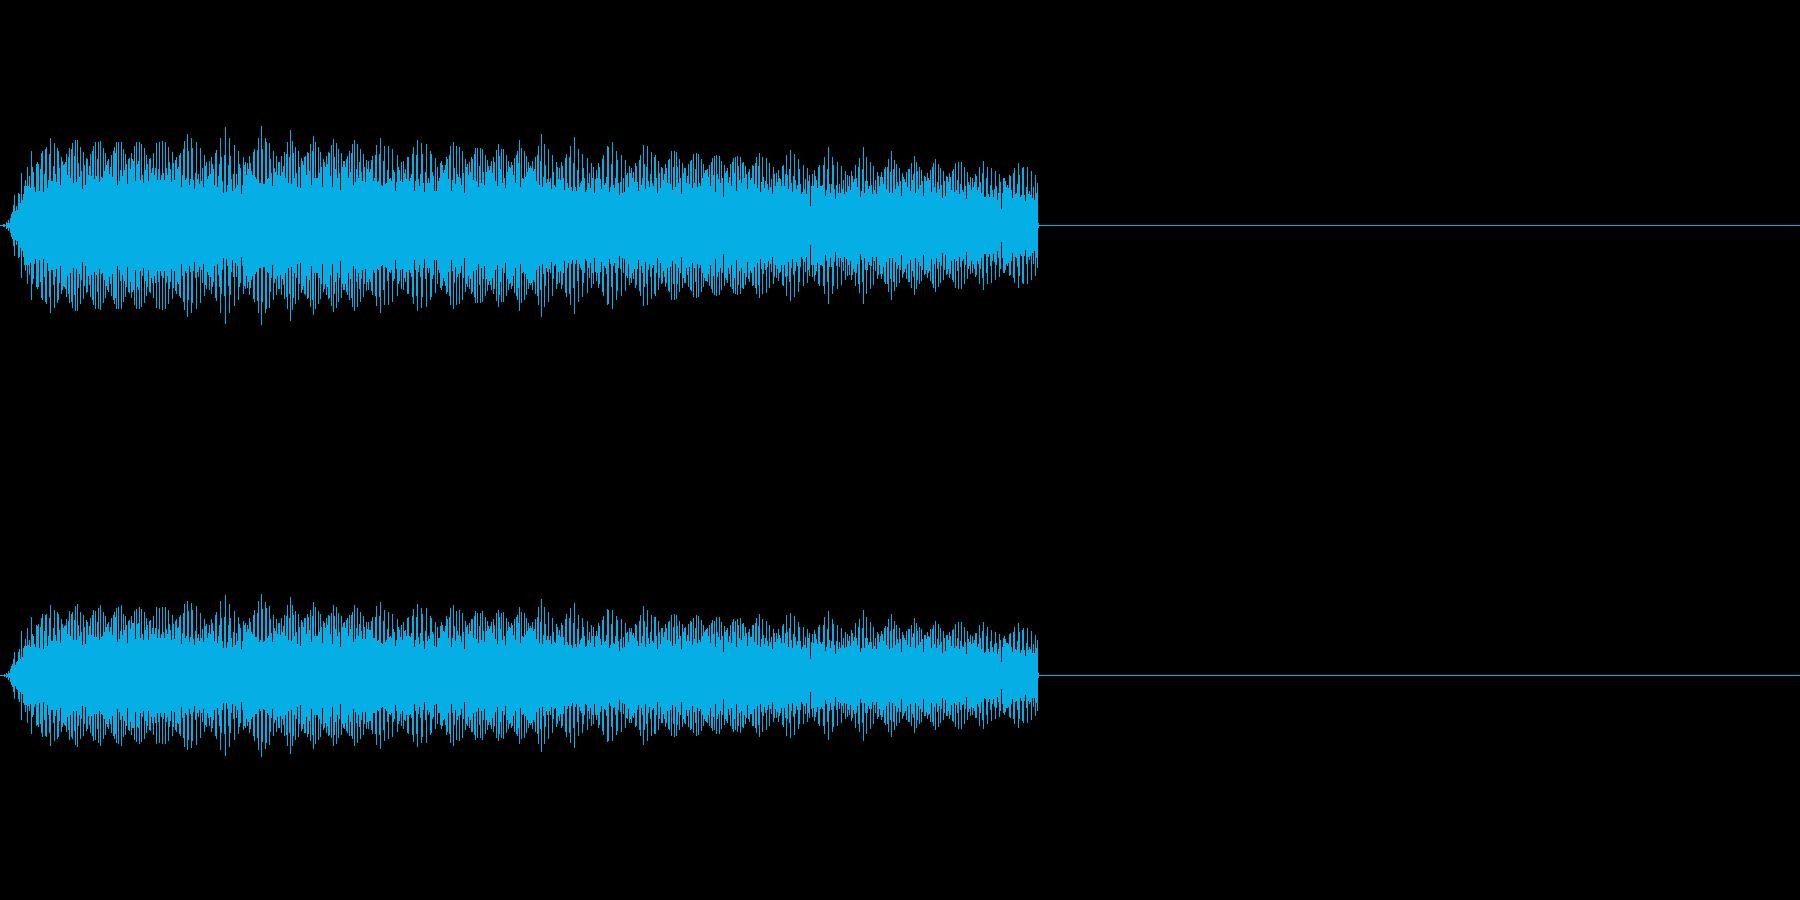 びよよん~少しはやめで高い音~の再生済みの波形